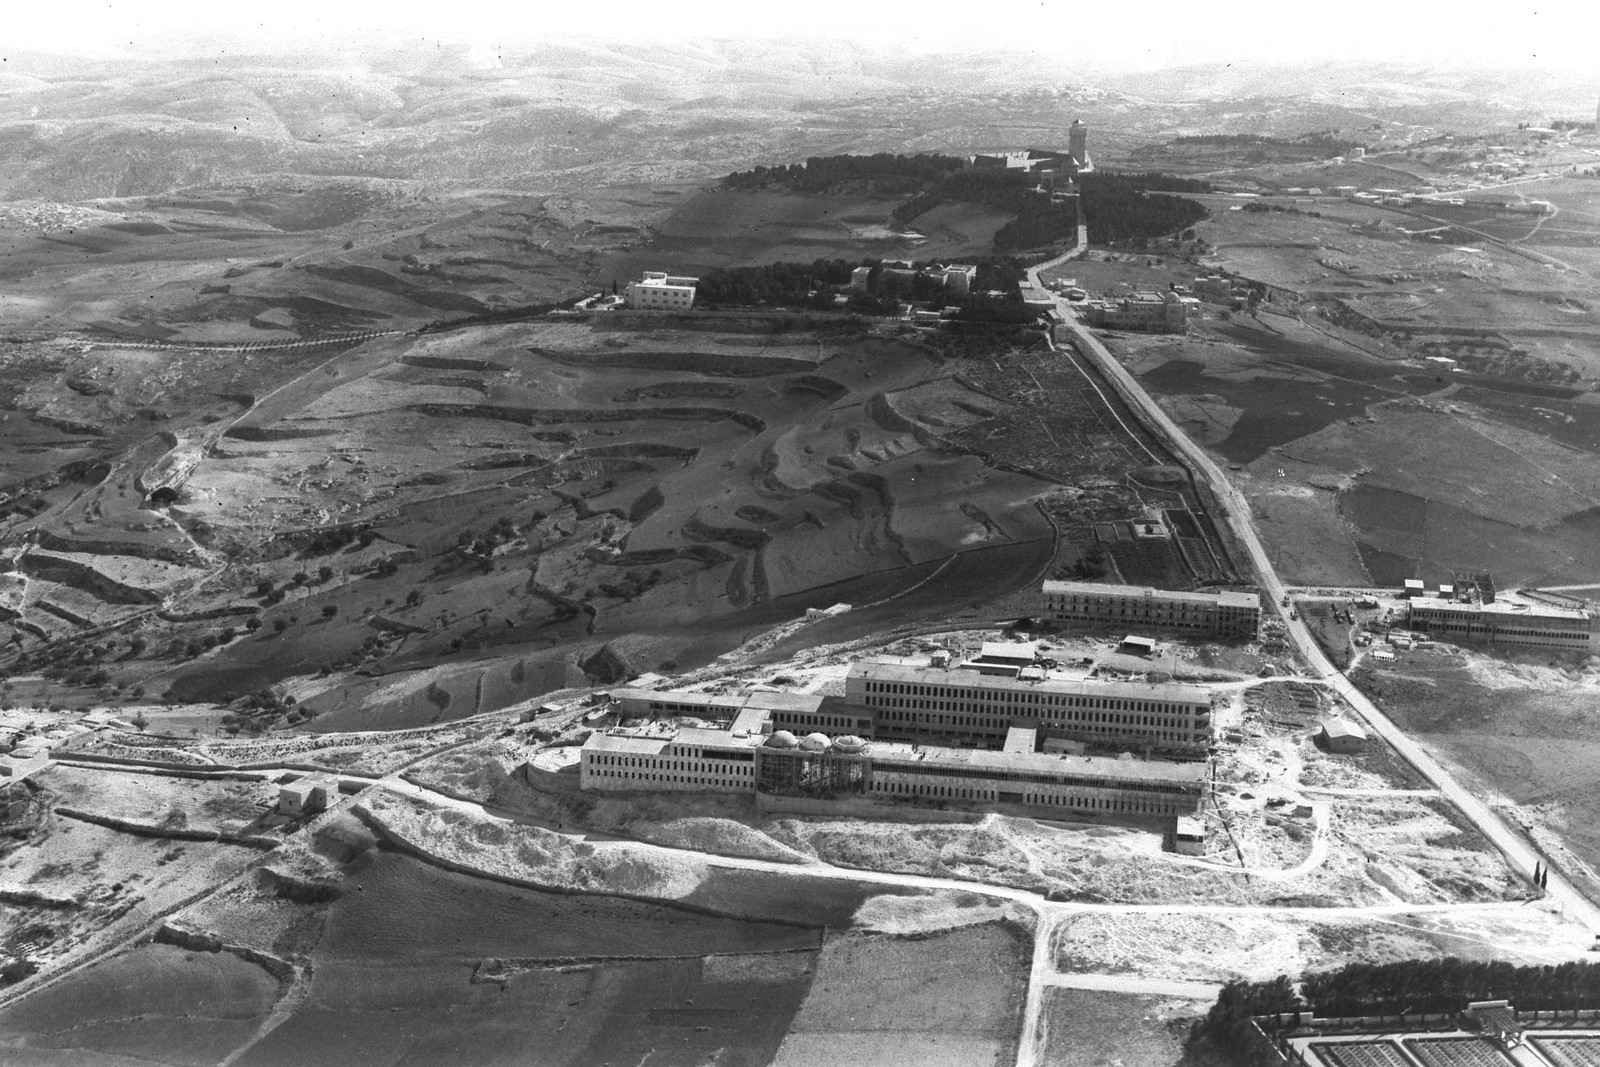 1937. Вид с воздуха на Медицинский центр «Хадасса», Еврейский университет и Больницу Августа Виктория в Иерусалиме